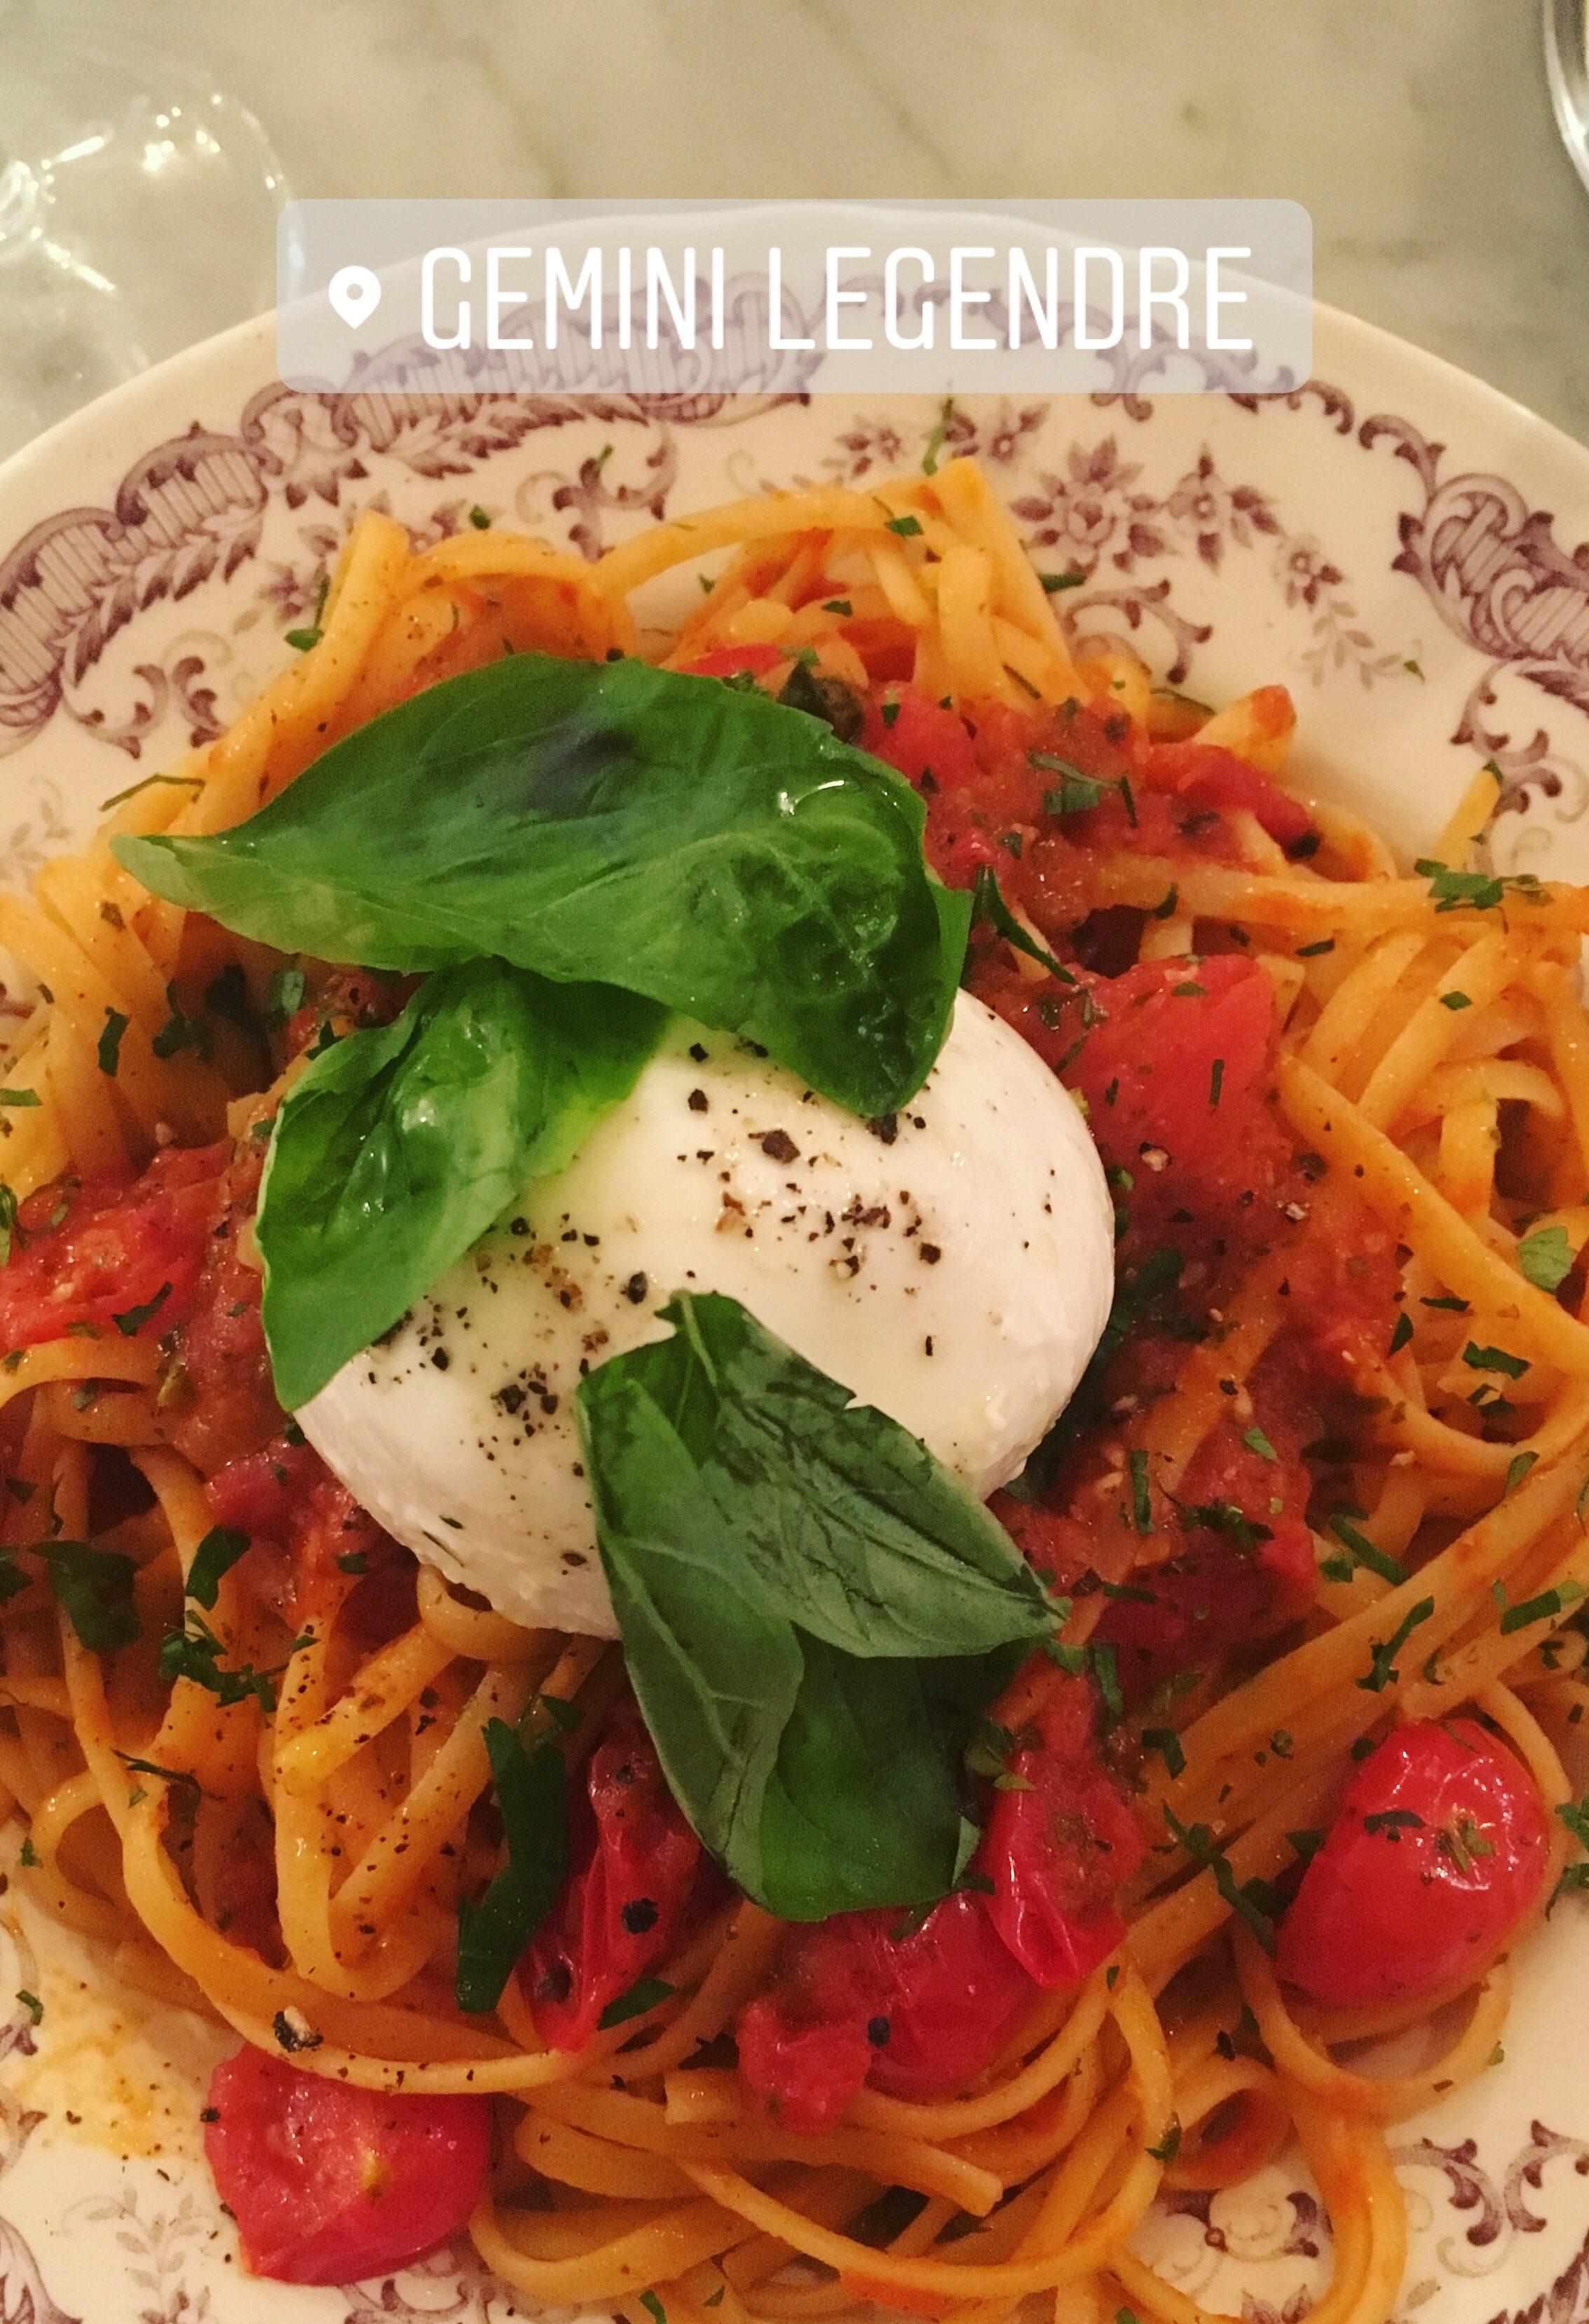 batignolles lesbatignolles paris 17 restaurant italien food pasta pizza gemini family